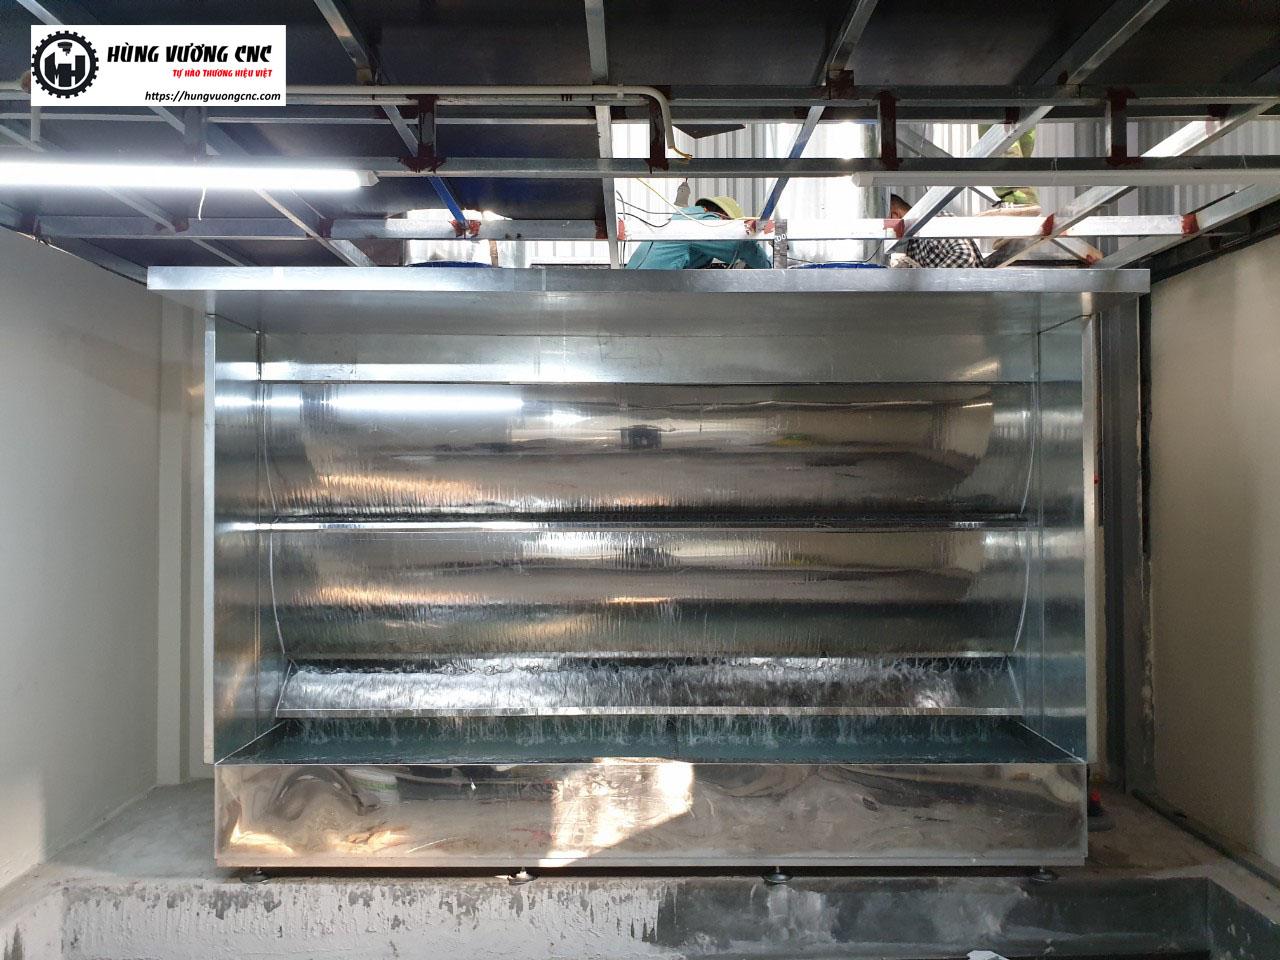 Buồng sơn màng nước - Hùng Vương CNC